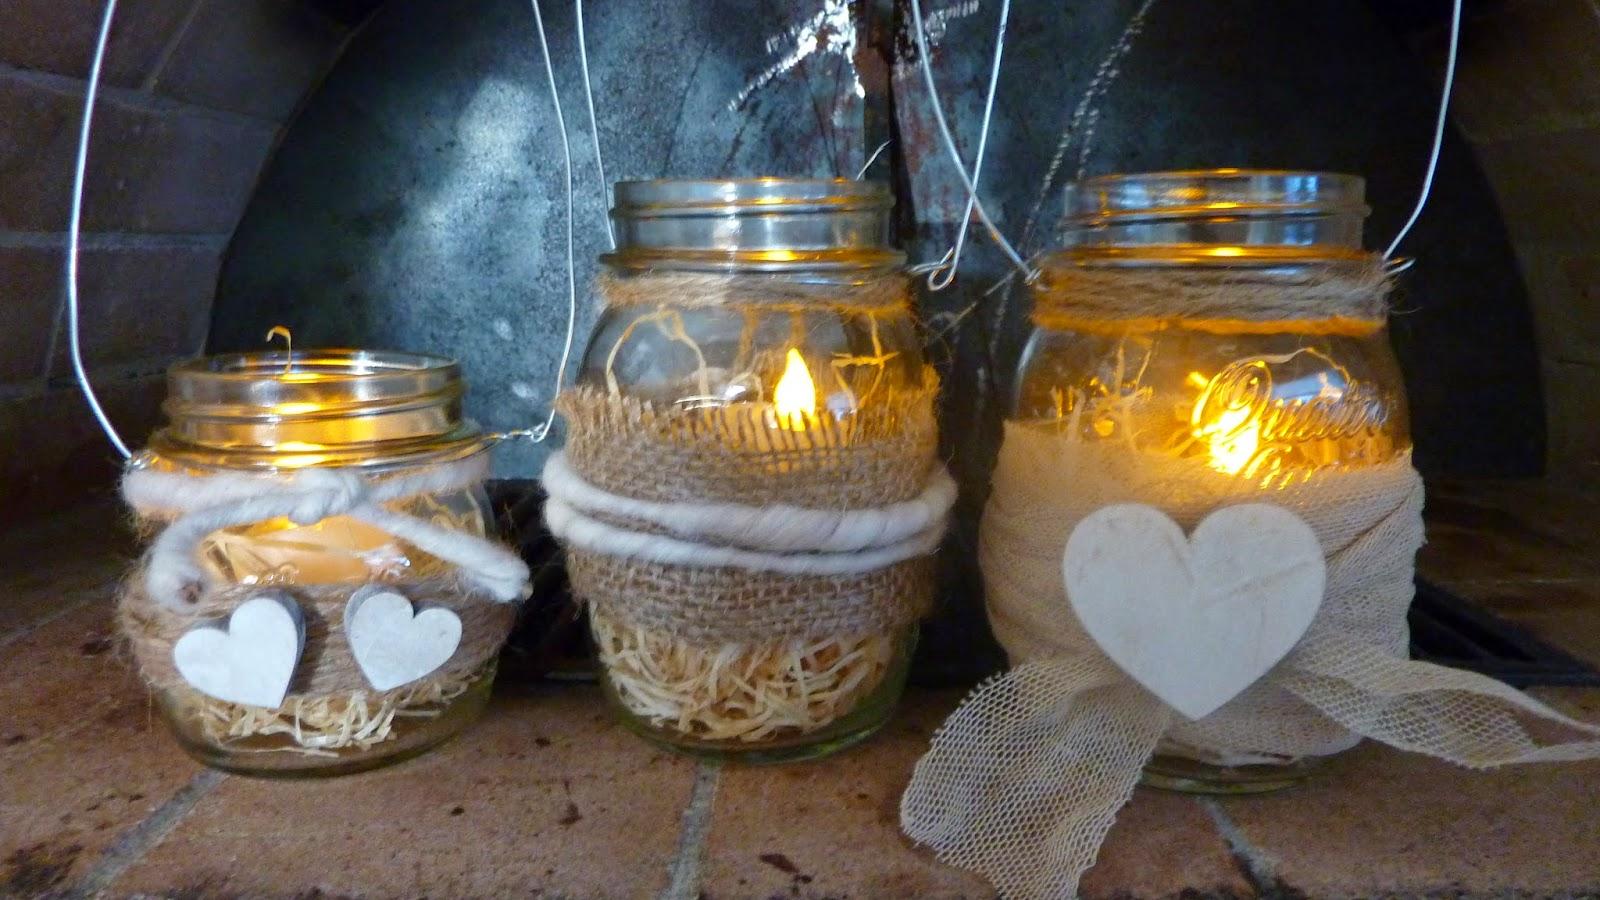 Lanterna romantica fai da te 20 idee per la san valentino - Portaombrelli fai da te ...